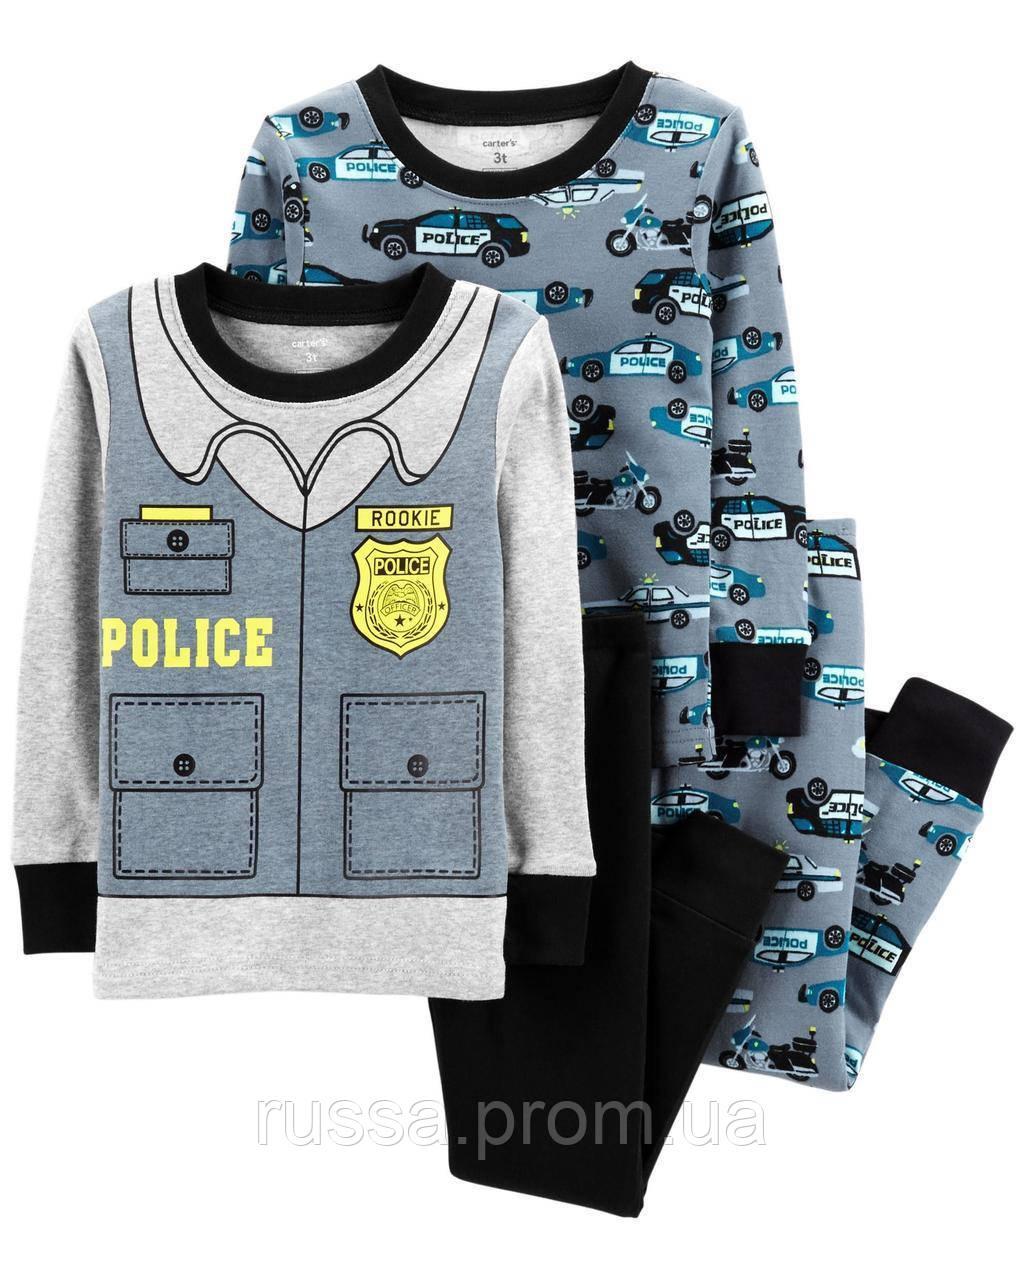 Трикотажные пижамы Полиция Картерс для мальчика (поштучно)